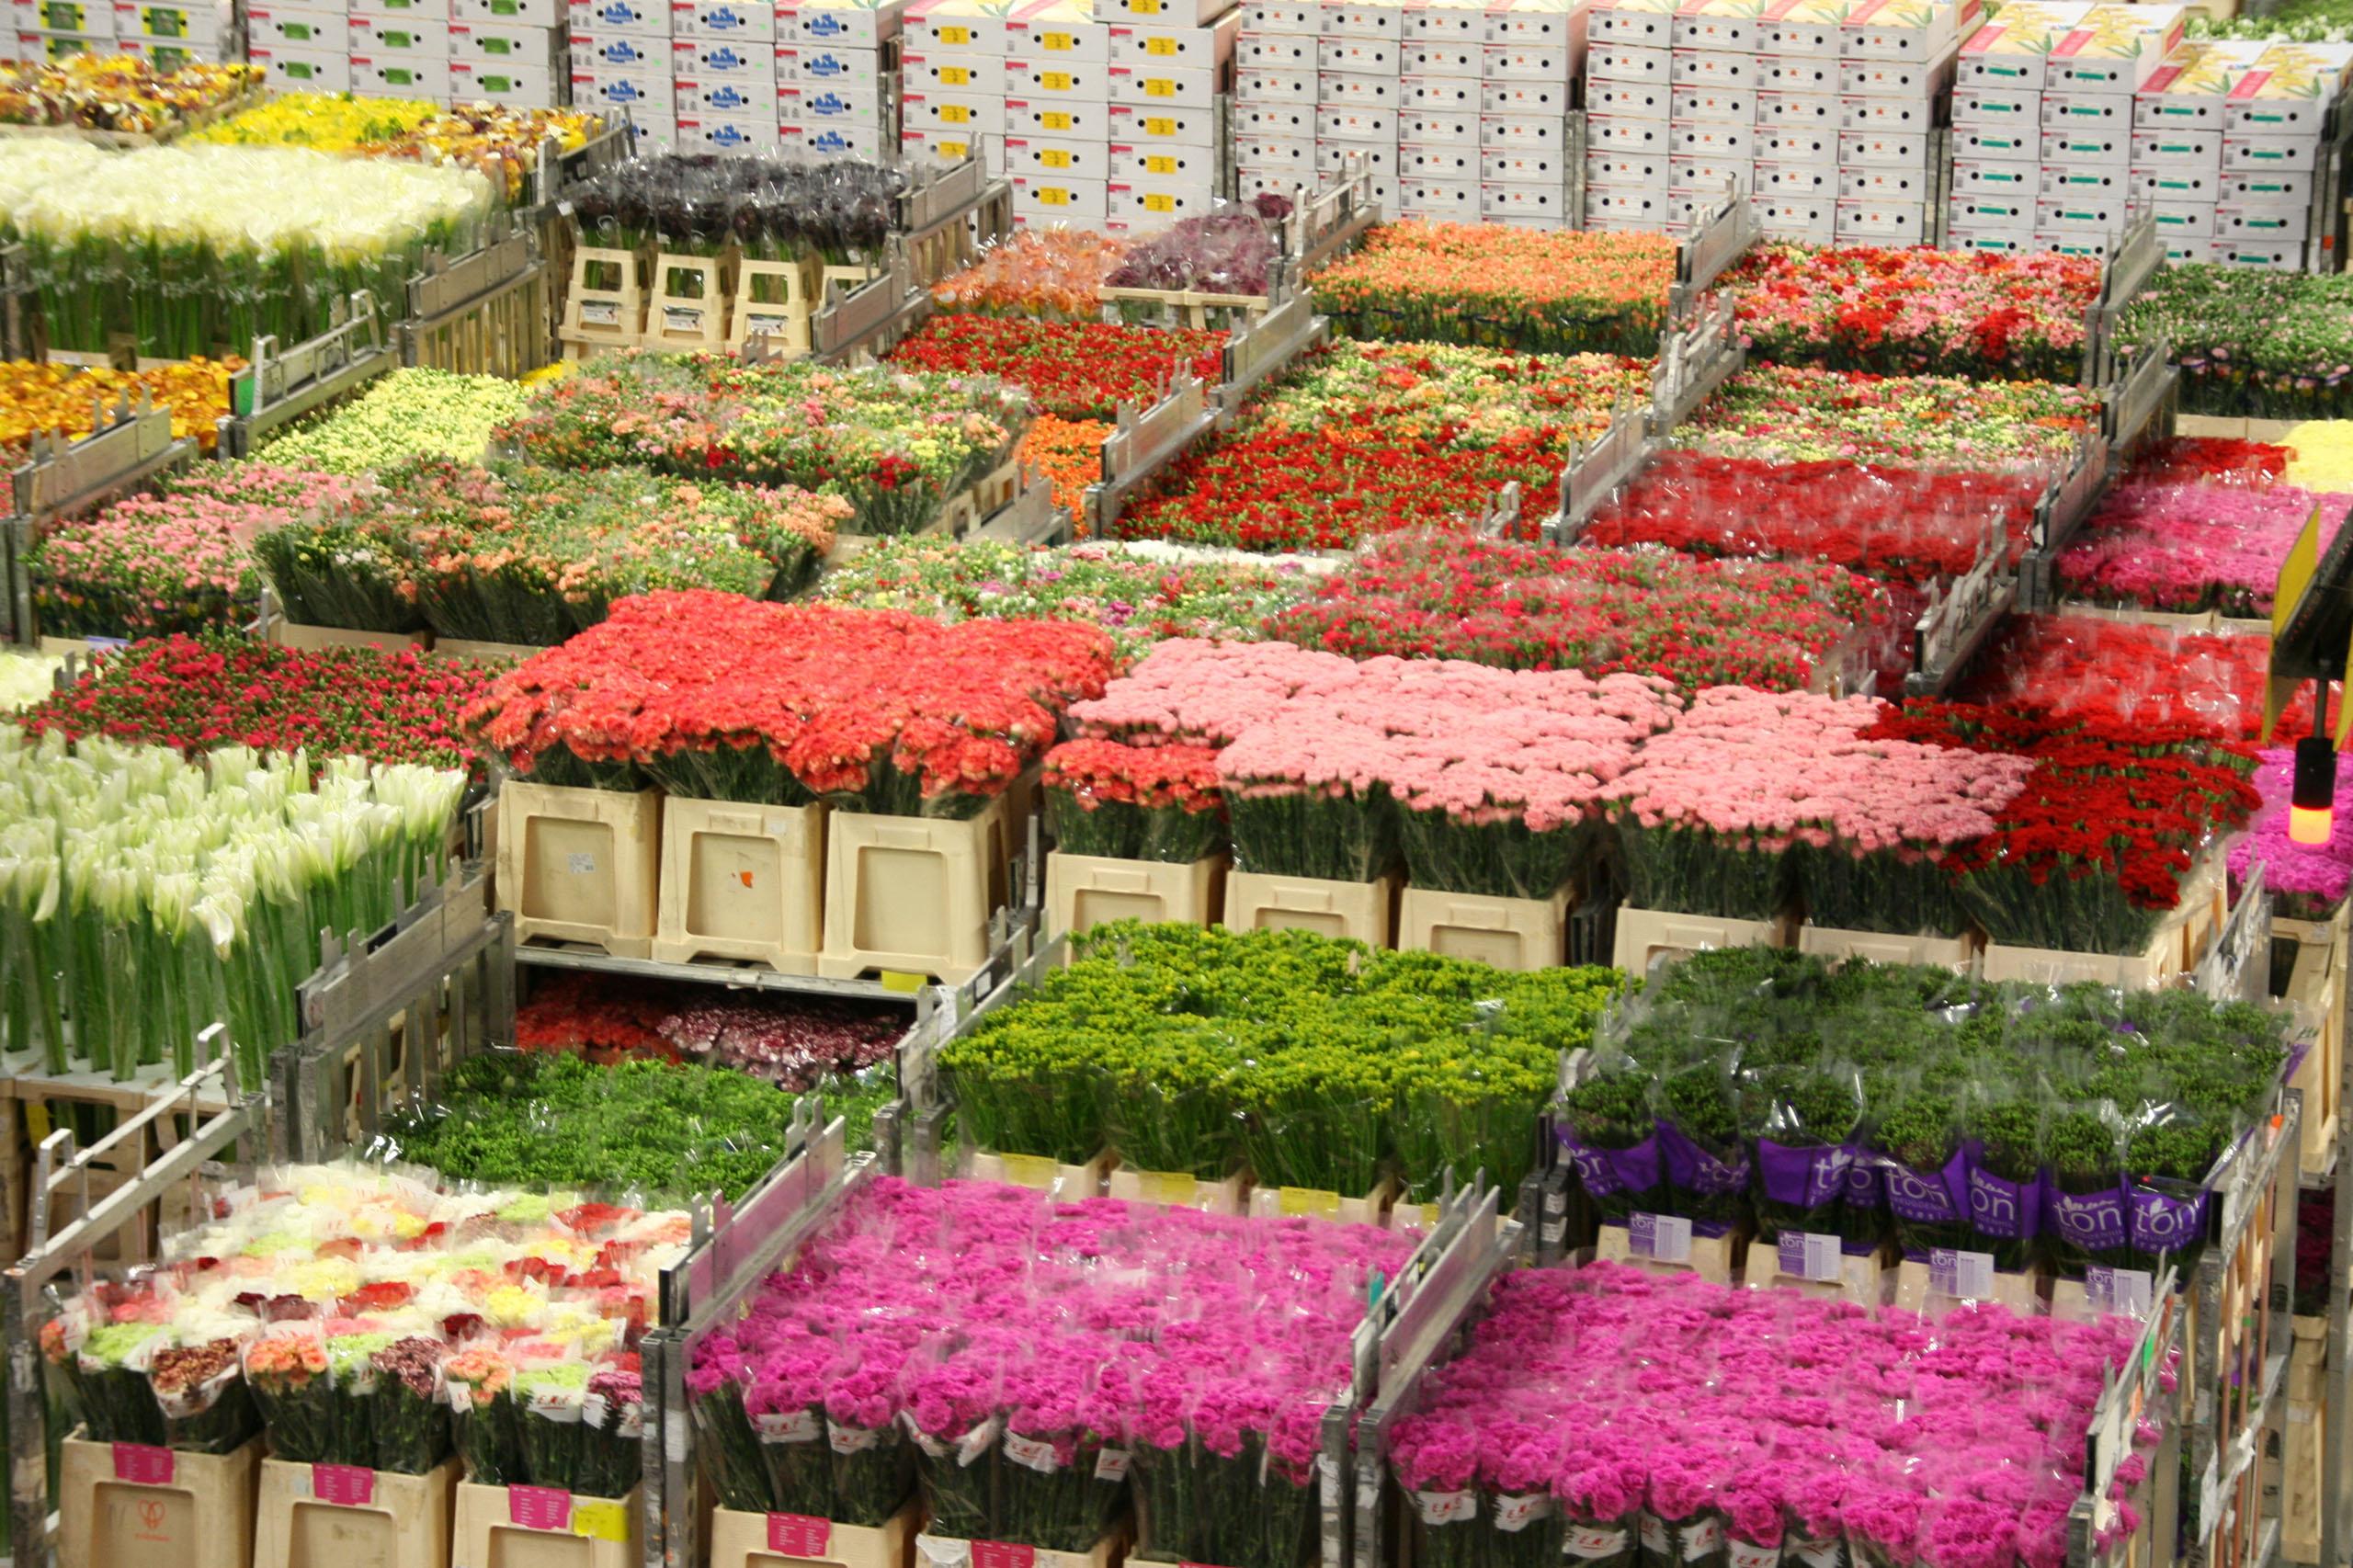 Blumen Wax | Topfpflanzen Und Schnittblumen | Holland | Blumen Und Pflanzen  Grosshandel